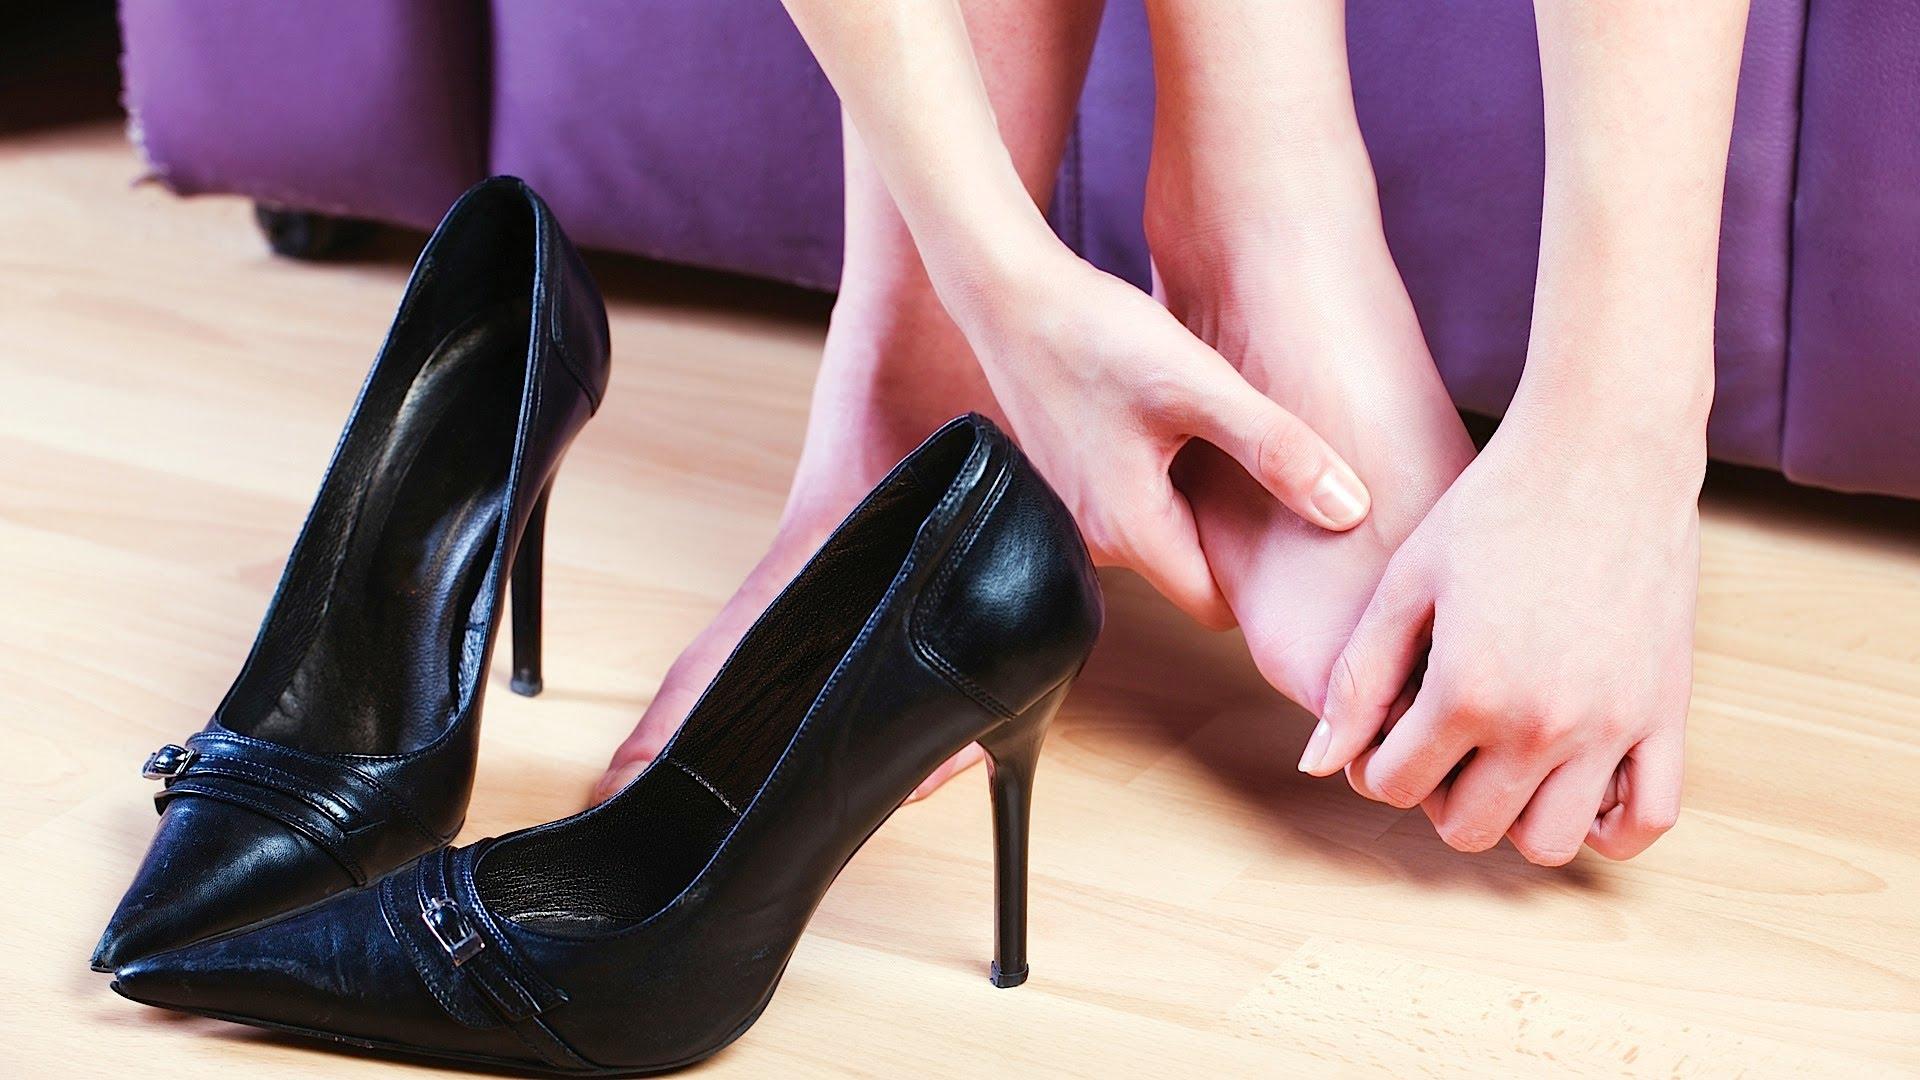 Разносить новые туфли